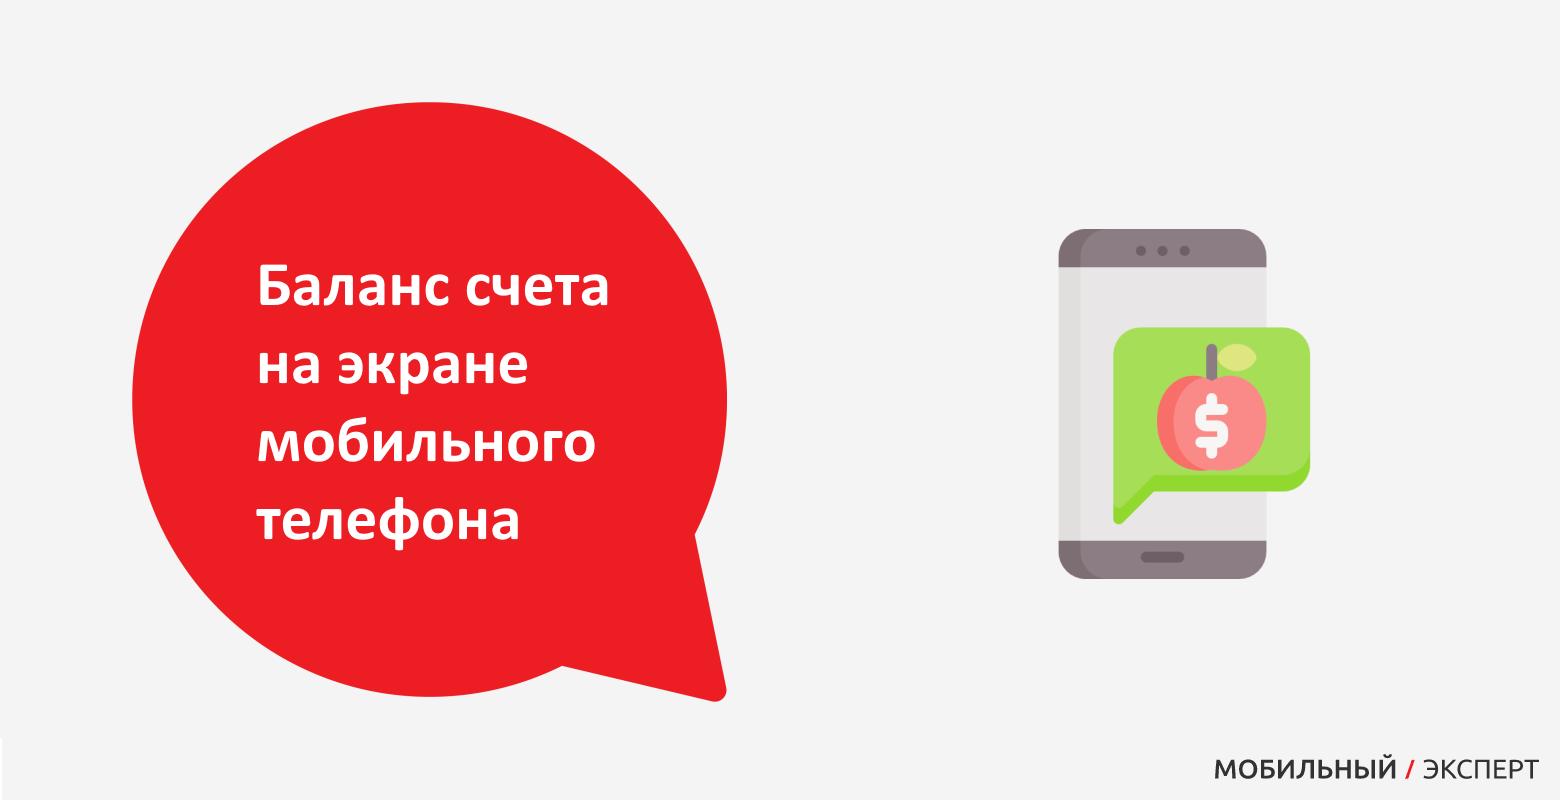 Баланс счета на экране мобильного телефона